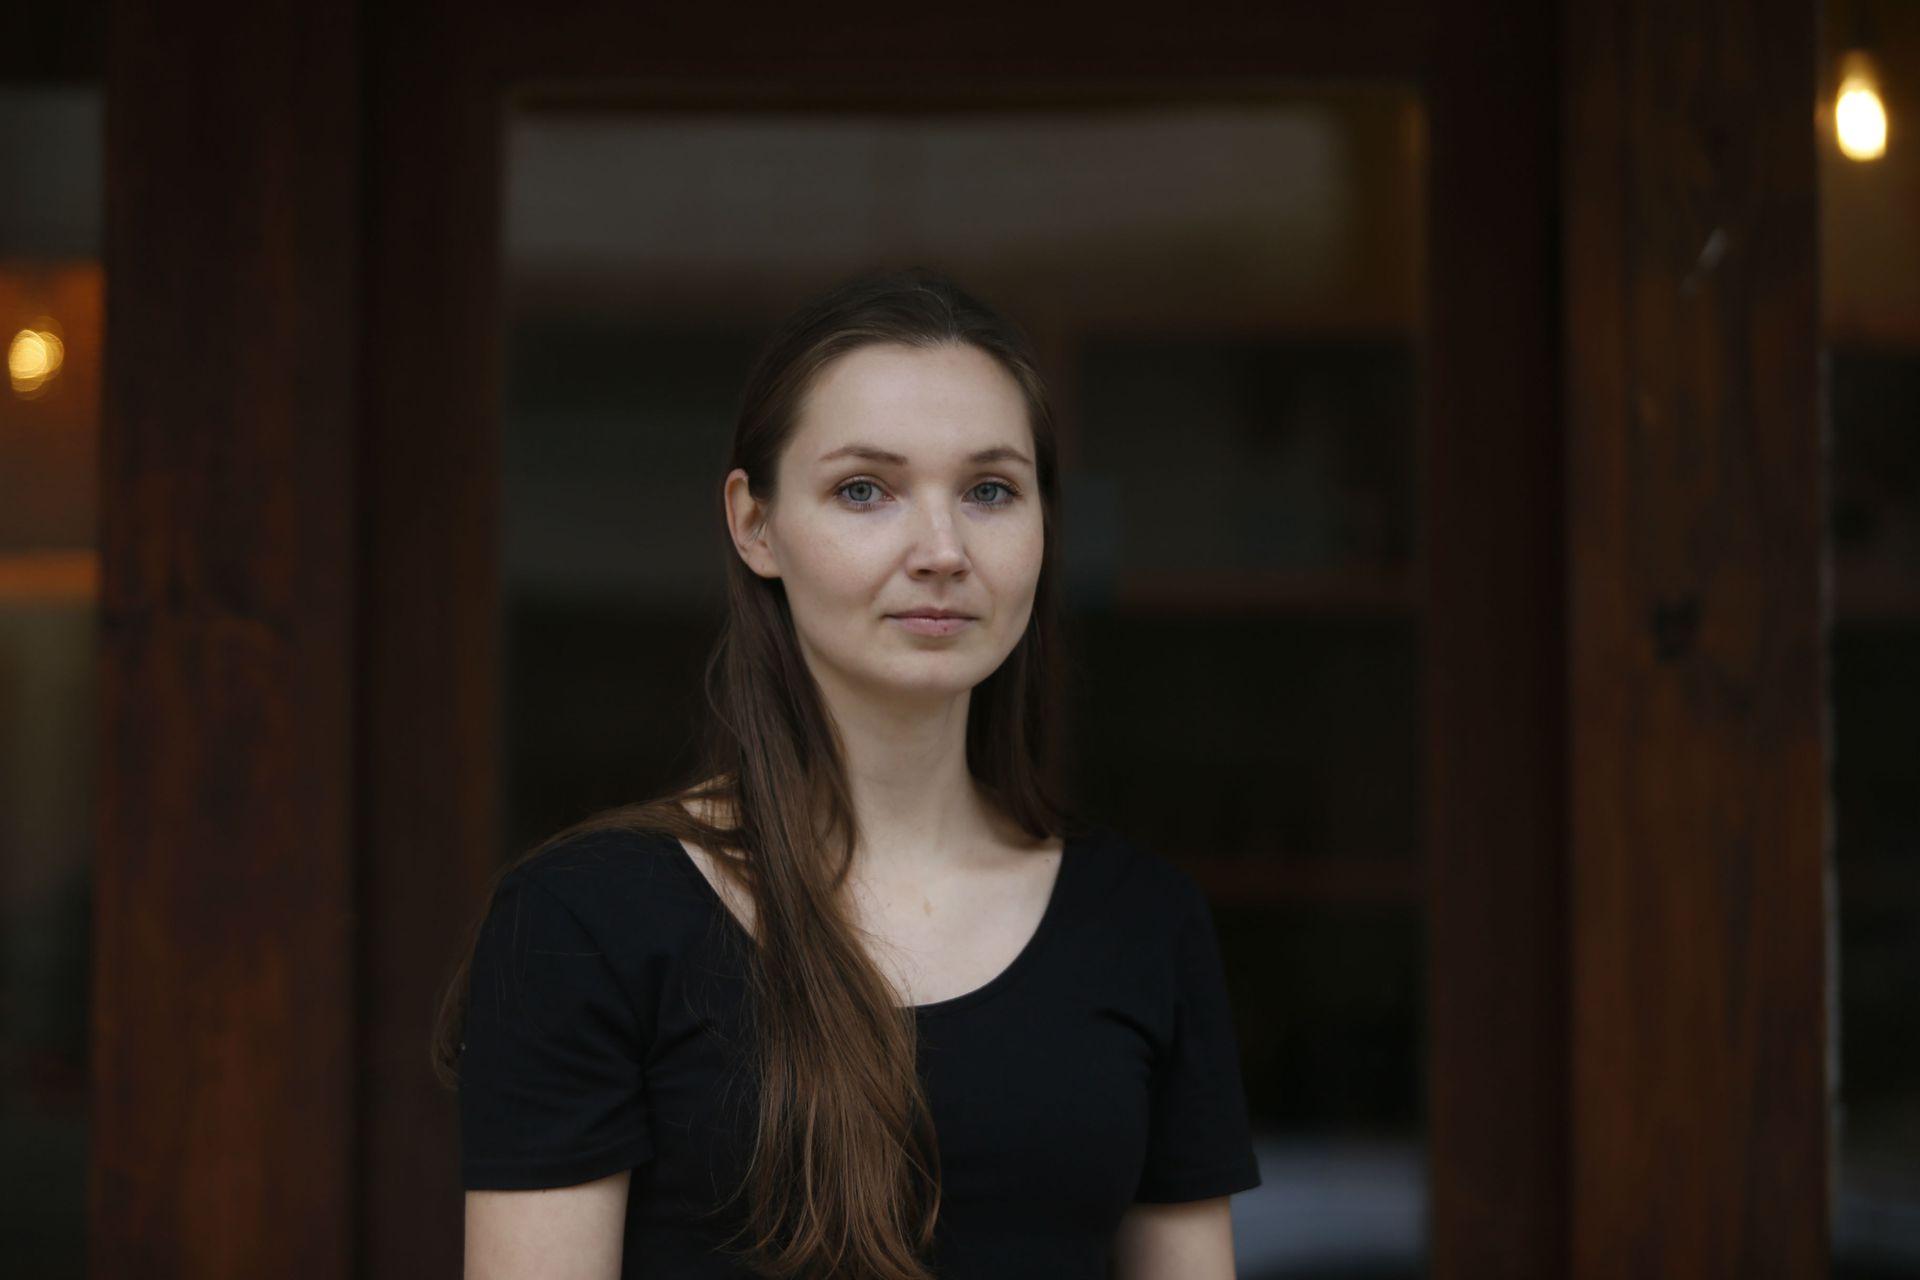 Natalia estudió Comunicación en la UBA y tiene una editorial independiente